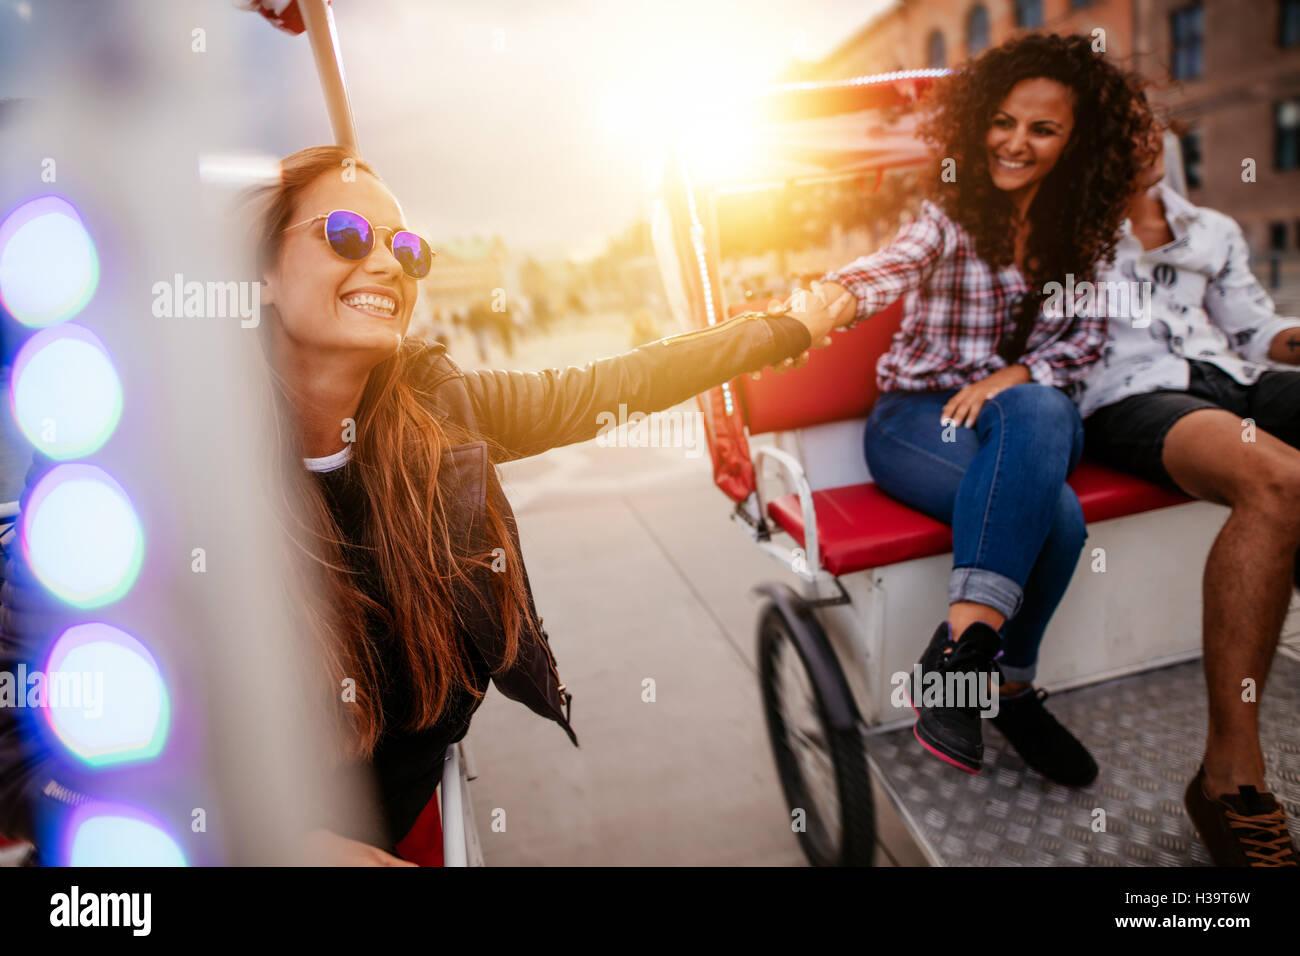 Beste Freunde genießen Dreirad fahren in der Stadt. Teenager-Mädchen reiten auf Dreiräder und Hand Stockbild